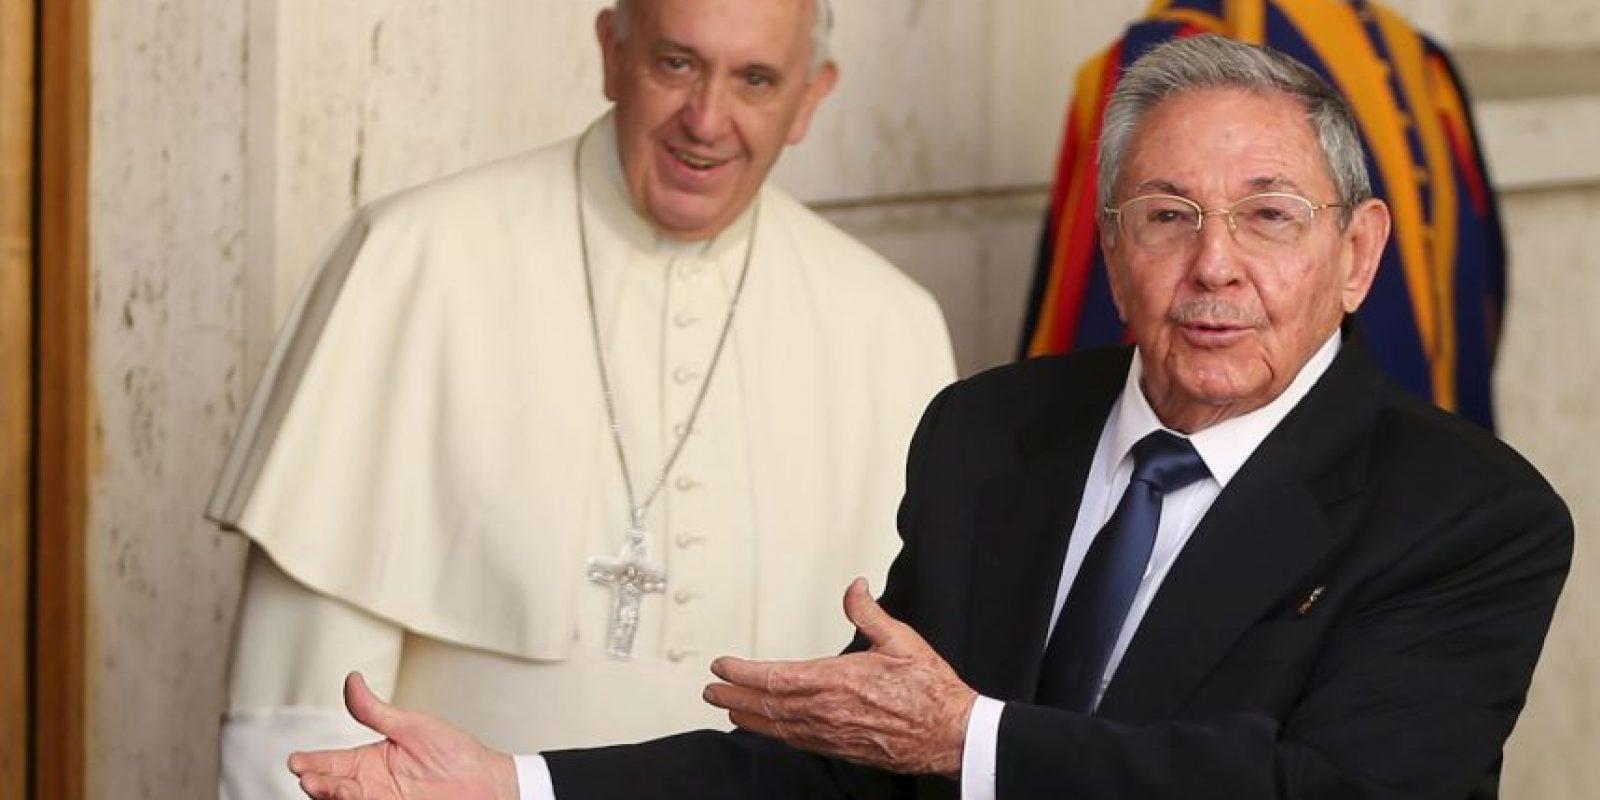 Castro agradeció personalmente el interés del papa sobre la situación Cuba-Estados Unidos Foto:Getty Images